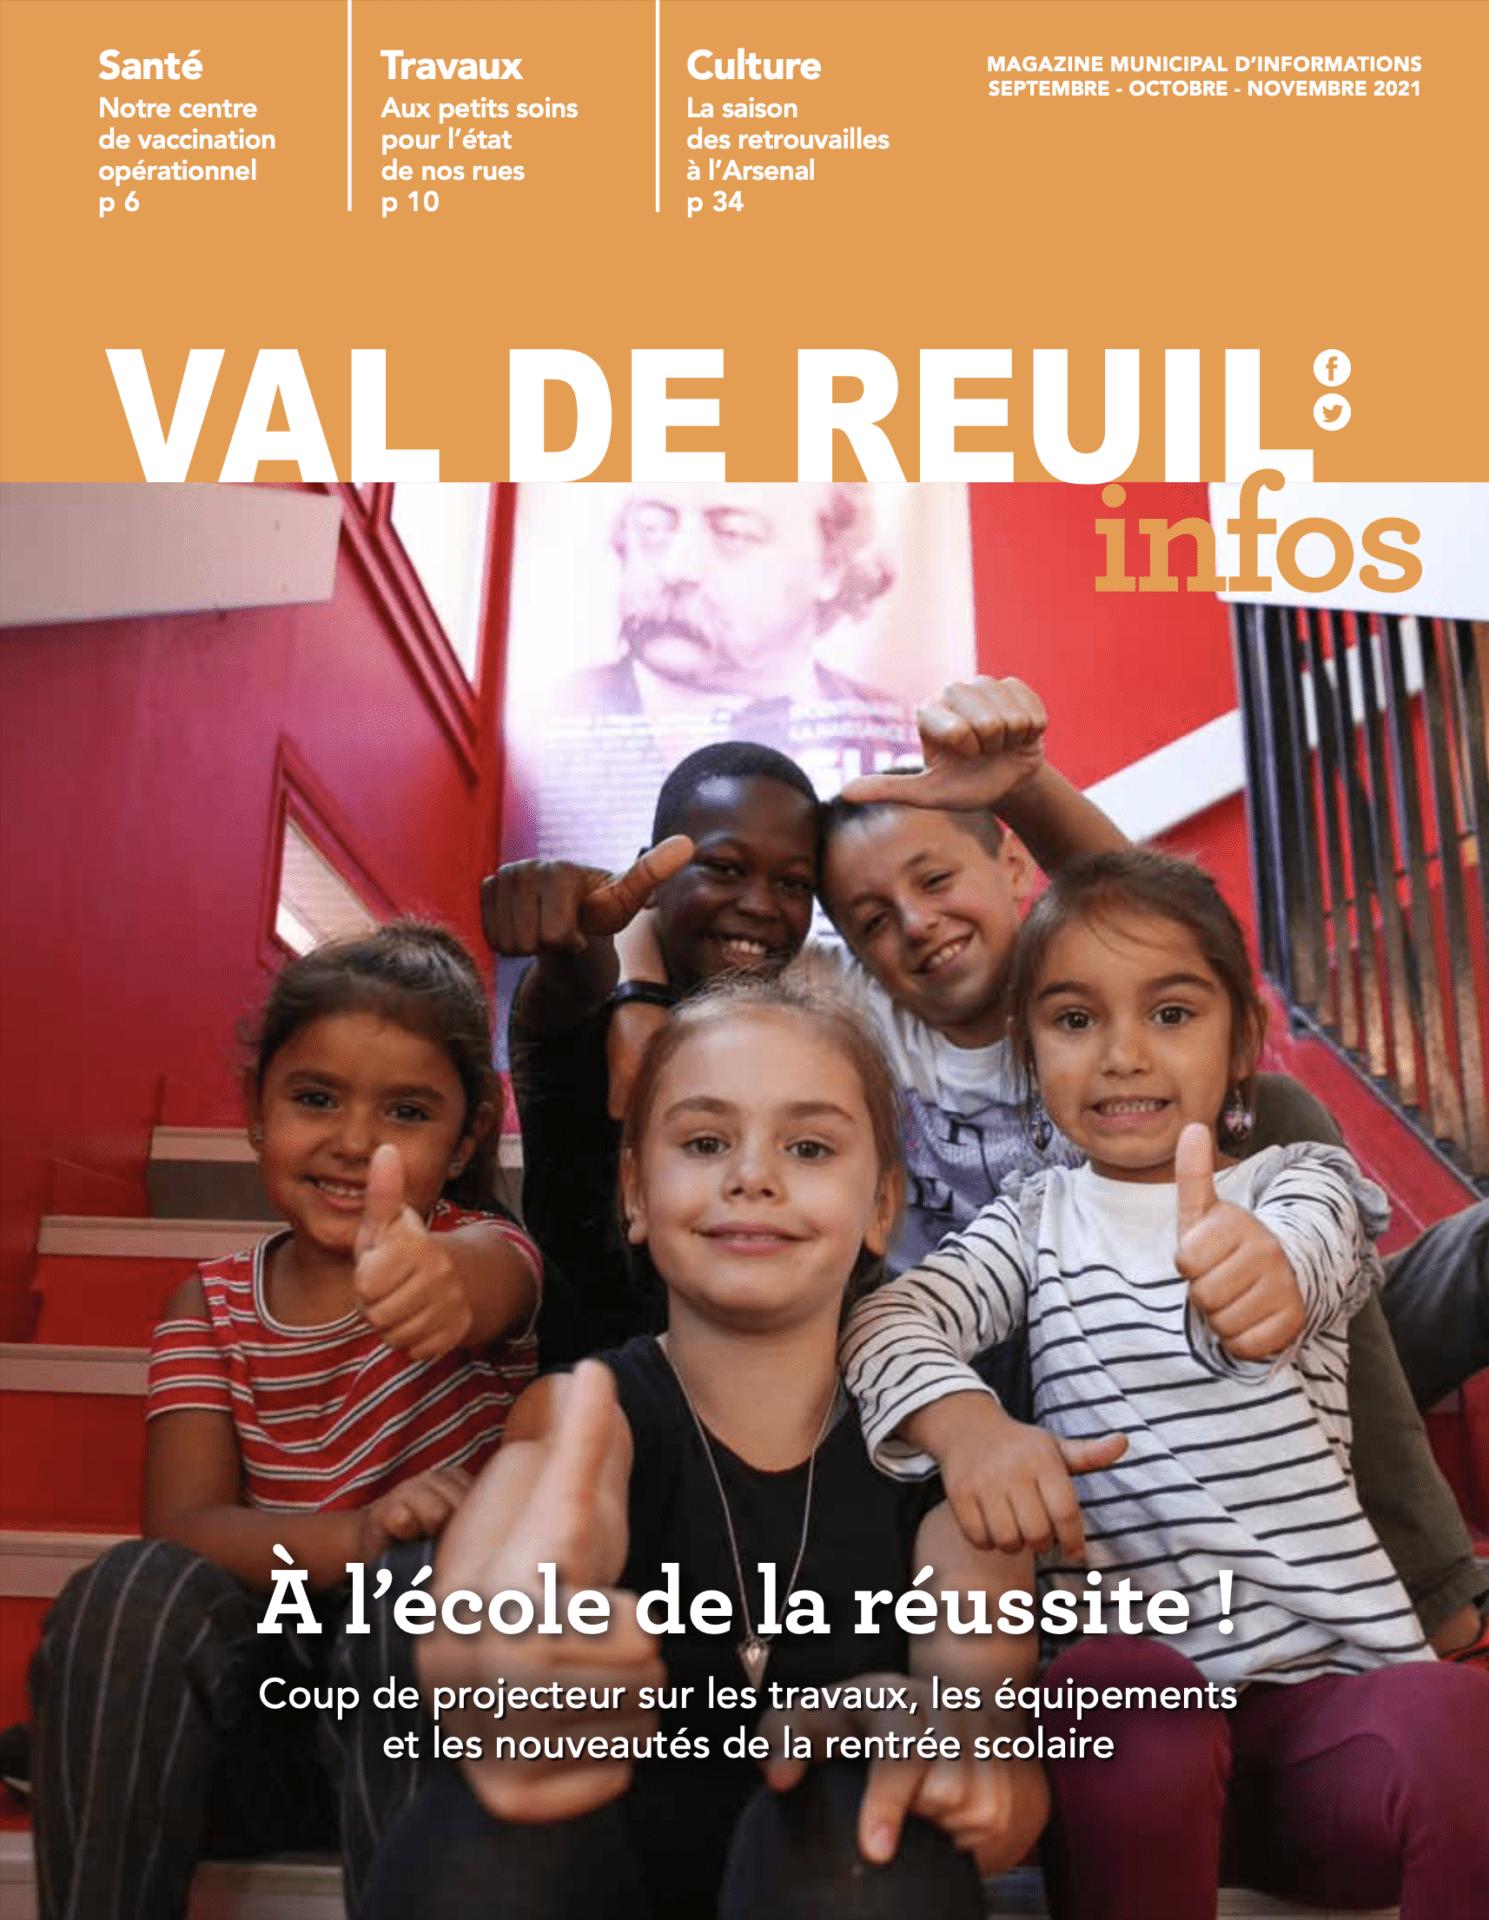 Valdereuil_infos n°23 – SEPTEMBRE – OCTOBRE – NOVEMBRE 2021